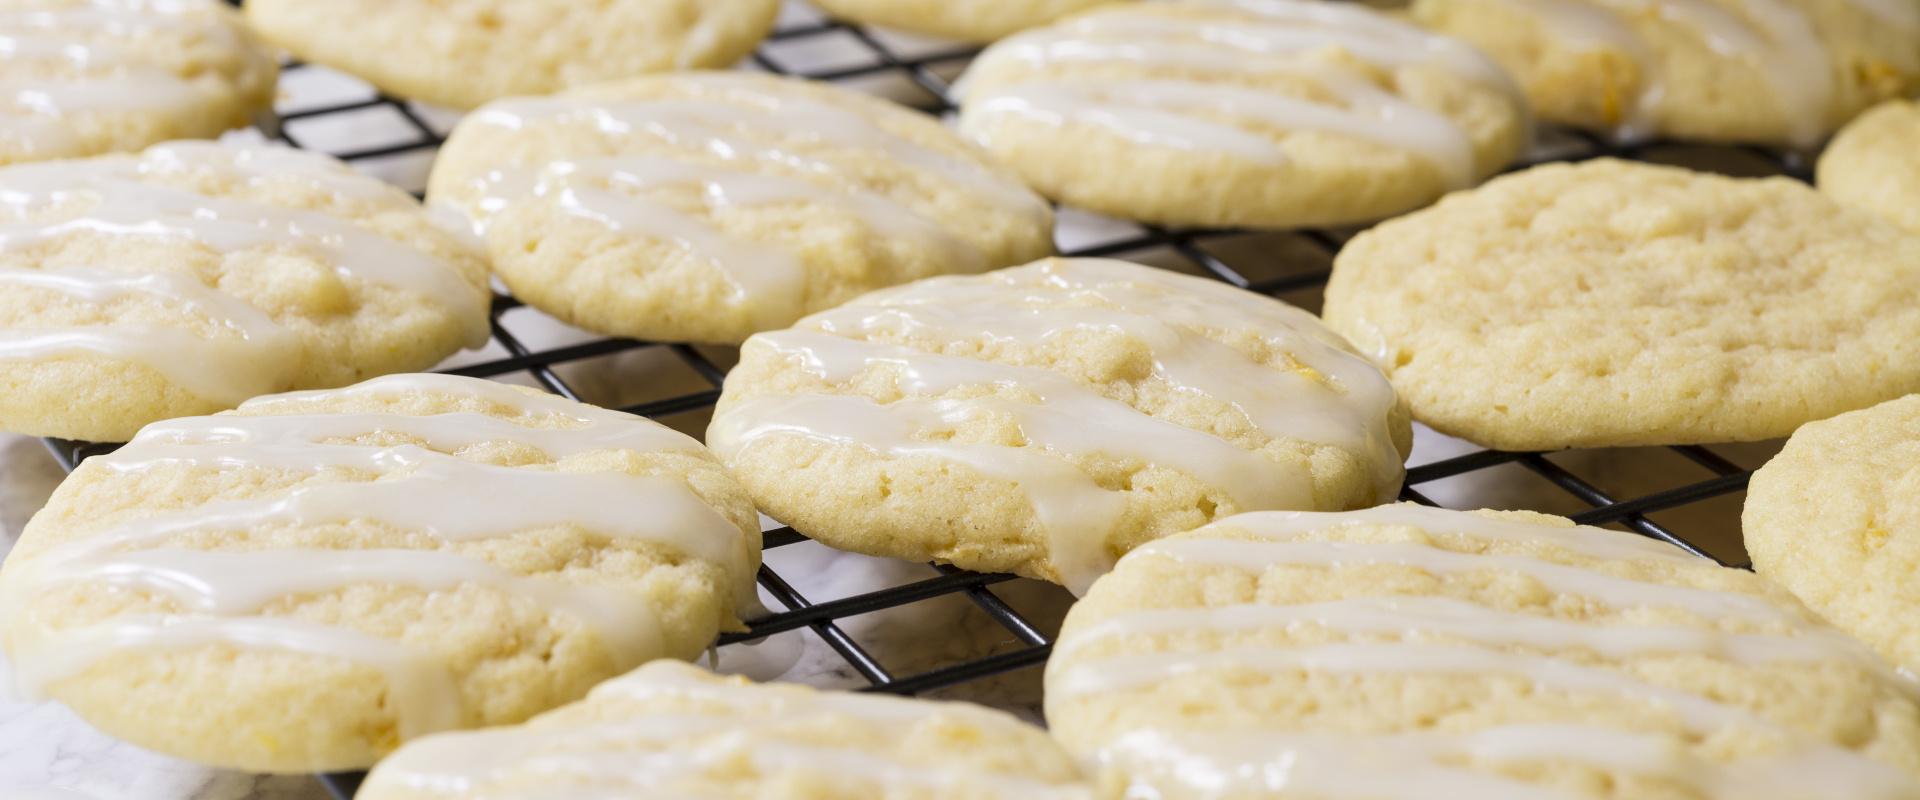 citromkrémes keksz